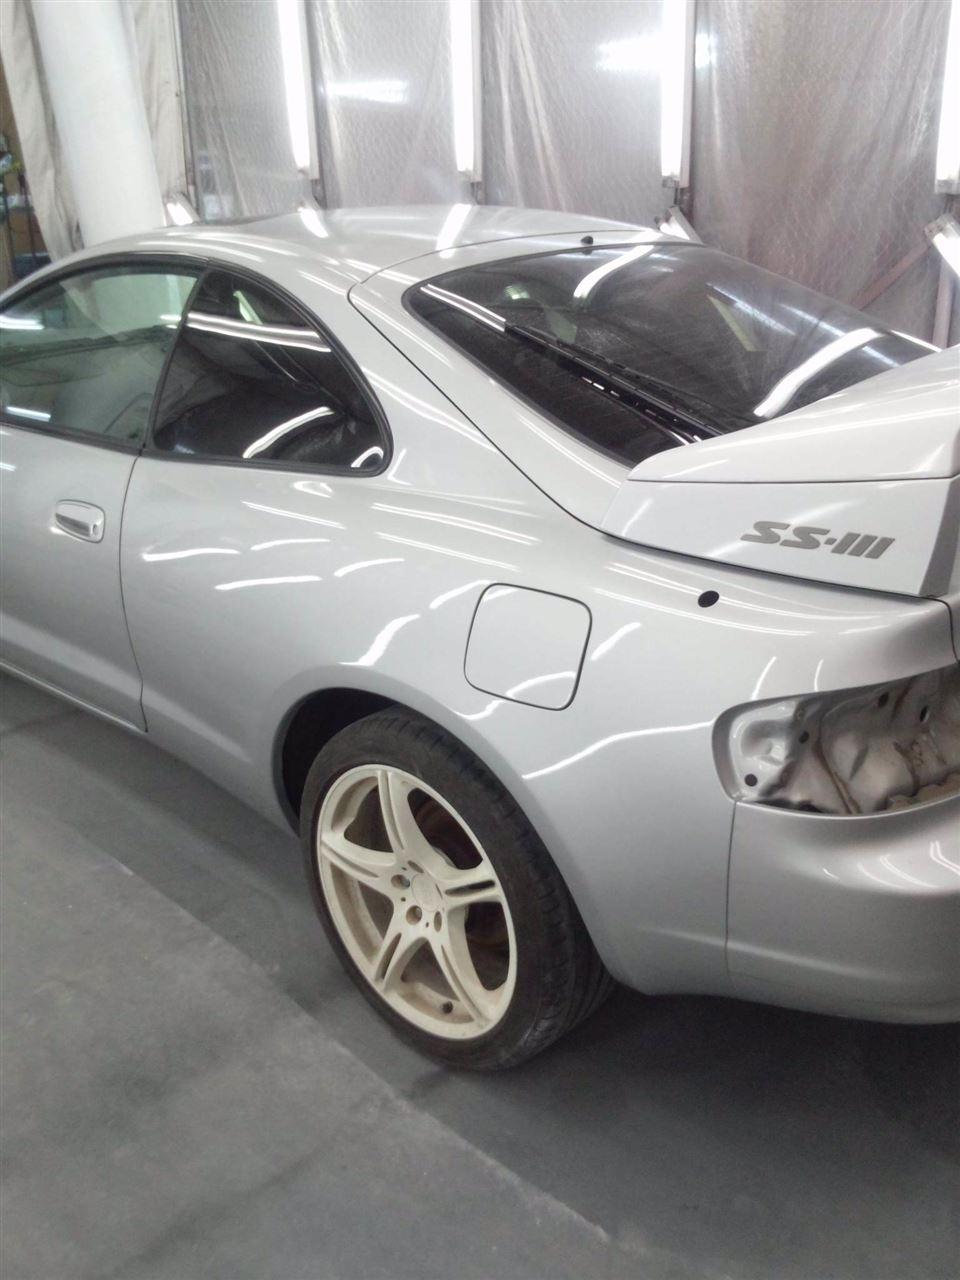 東京都立川市の車の板金塗装修理工場 ガレージローライドのトヨタ セリカの左側面のキズ へこみ の板金 修理 塗装 です。